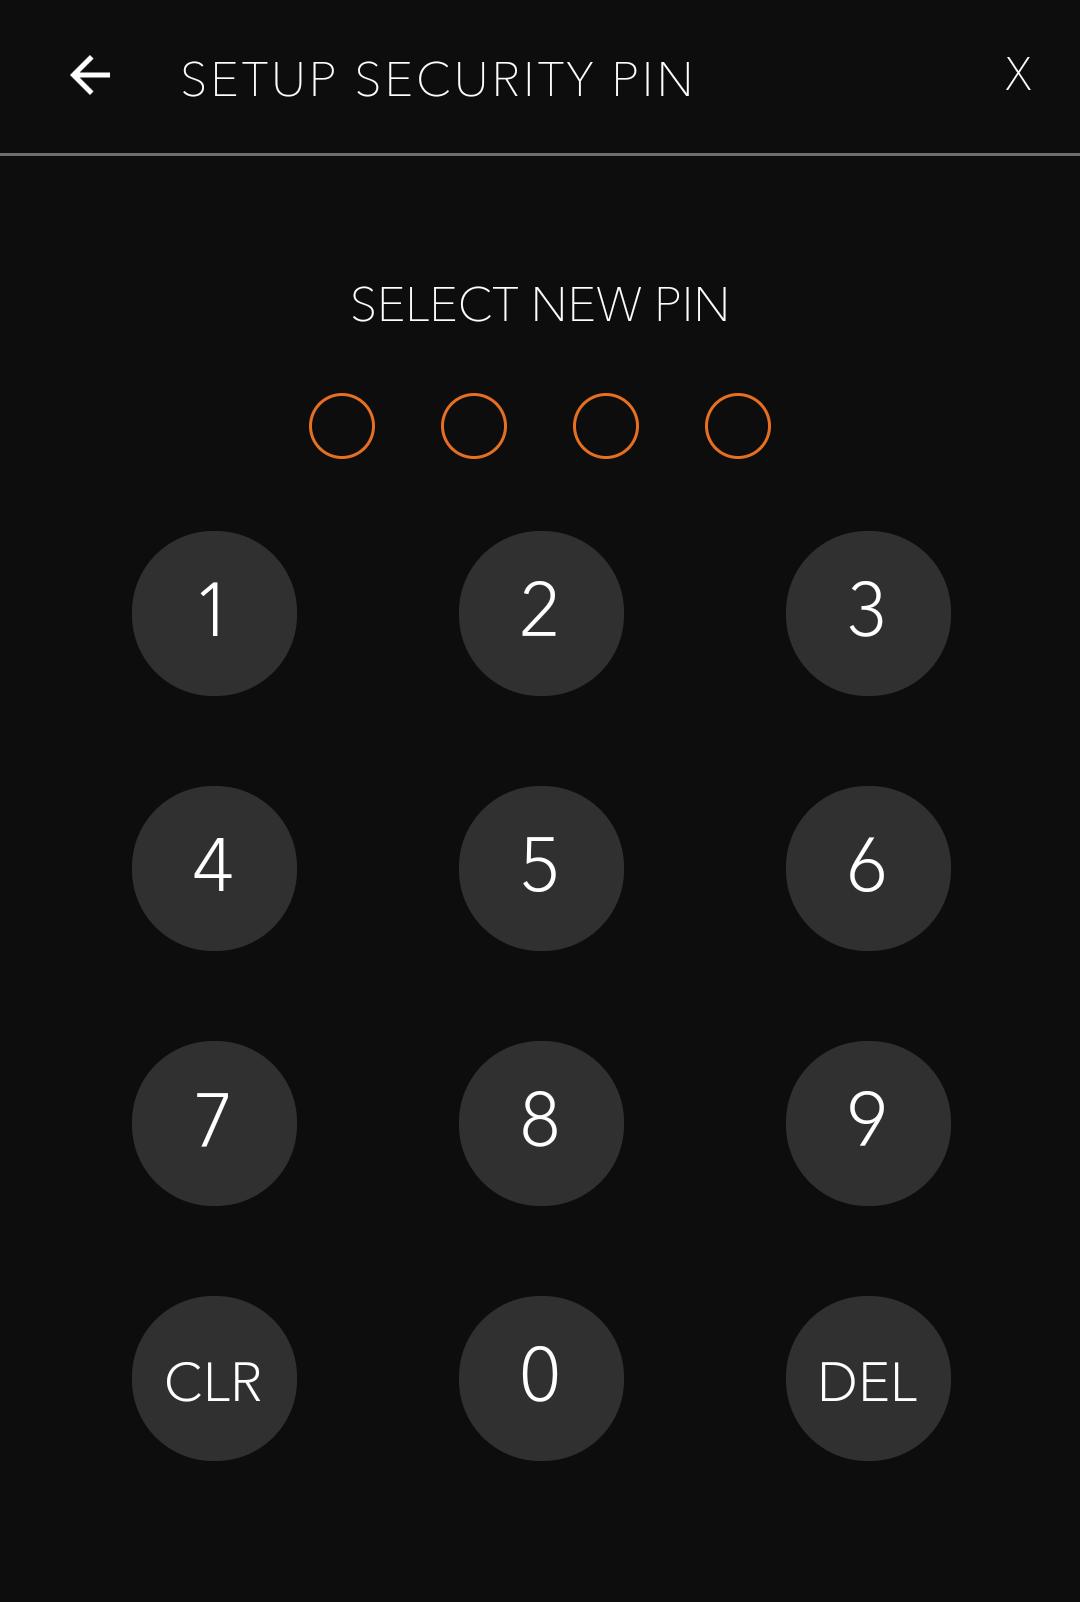 Configurando seu PIN de segurança